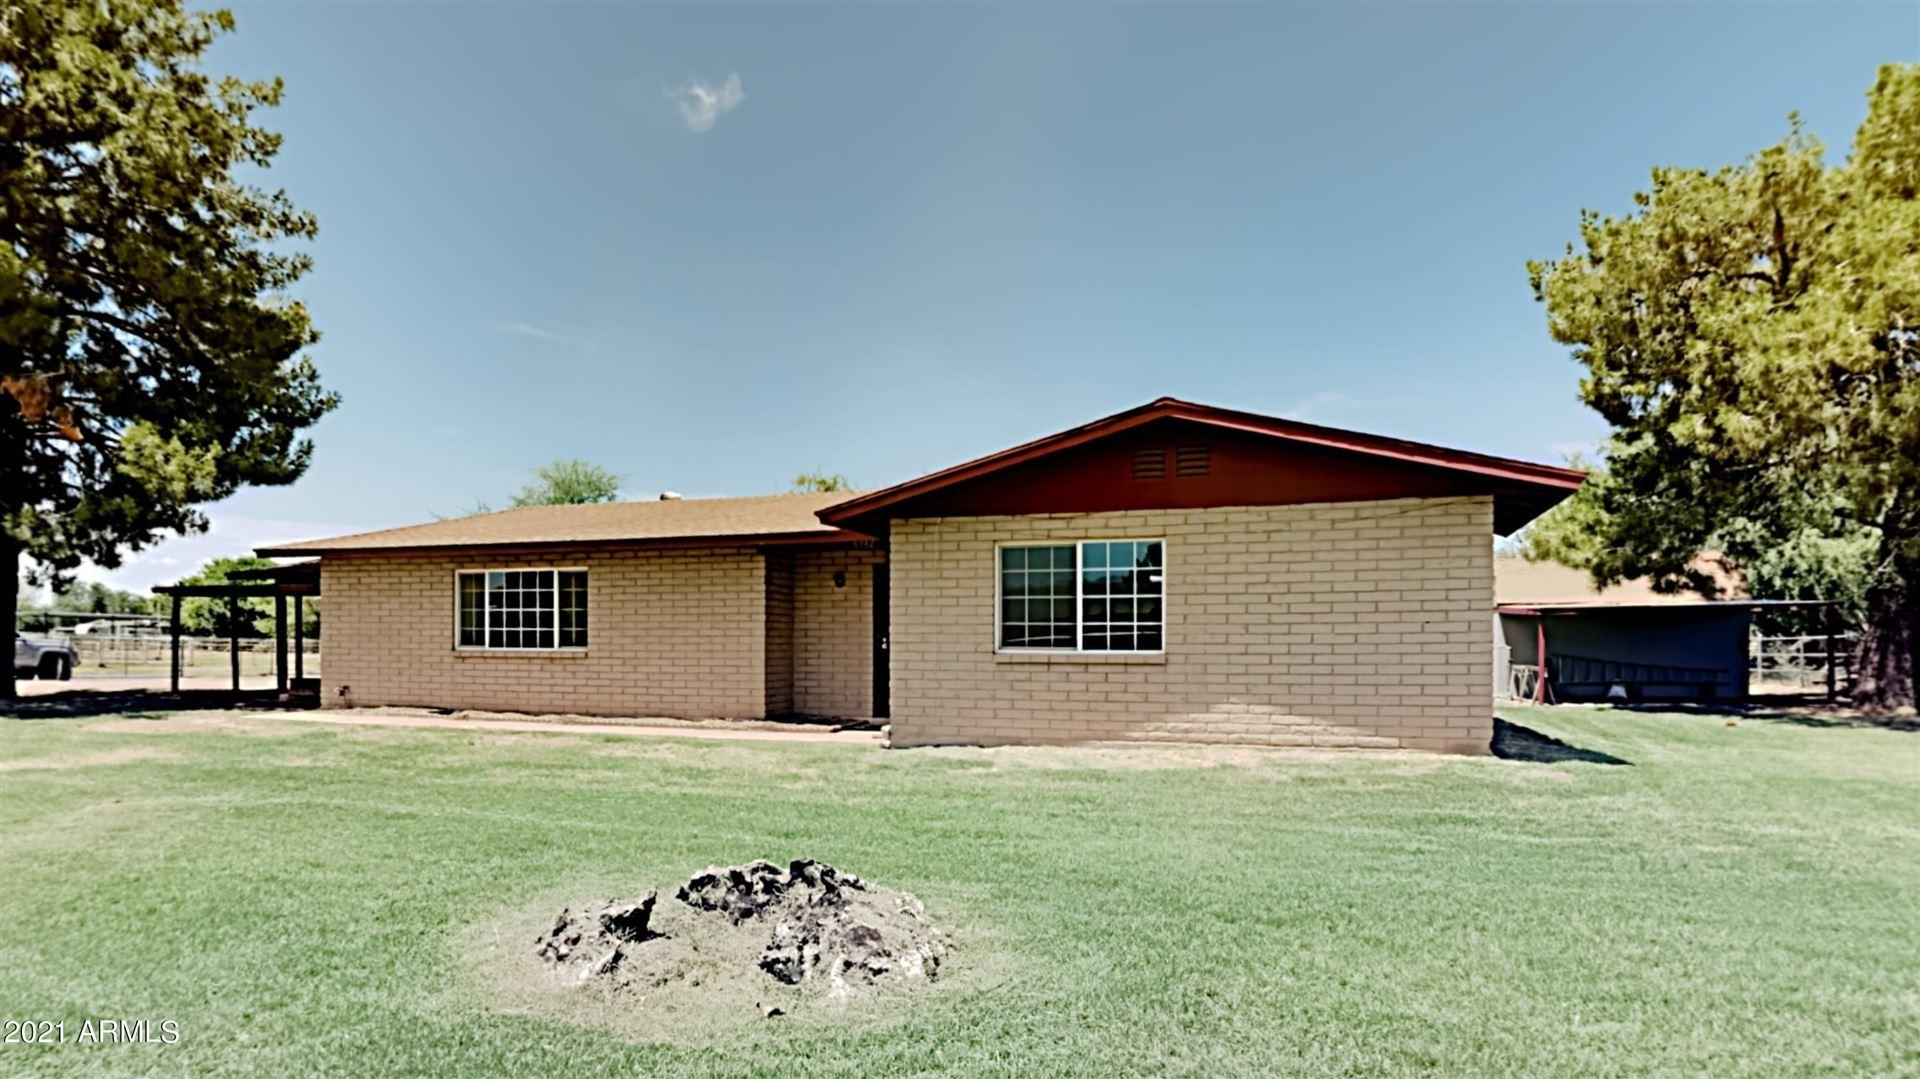 6342 W ELLIS Drive, Laveen, AZ 85339 - MLS#: 6268360